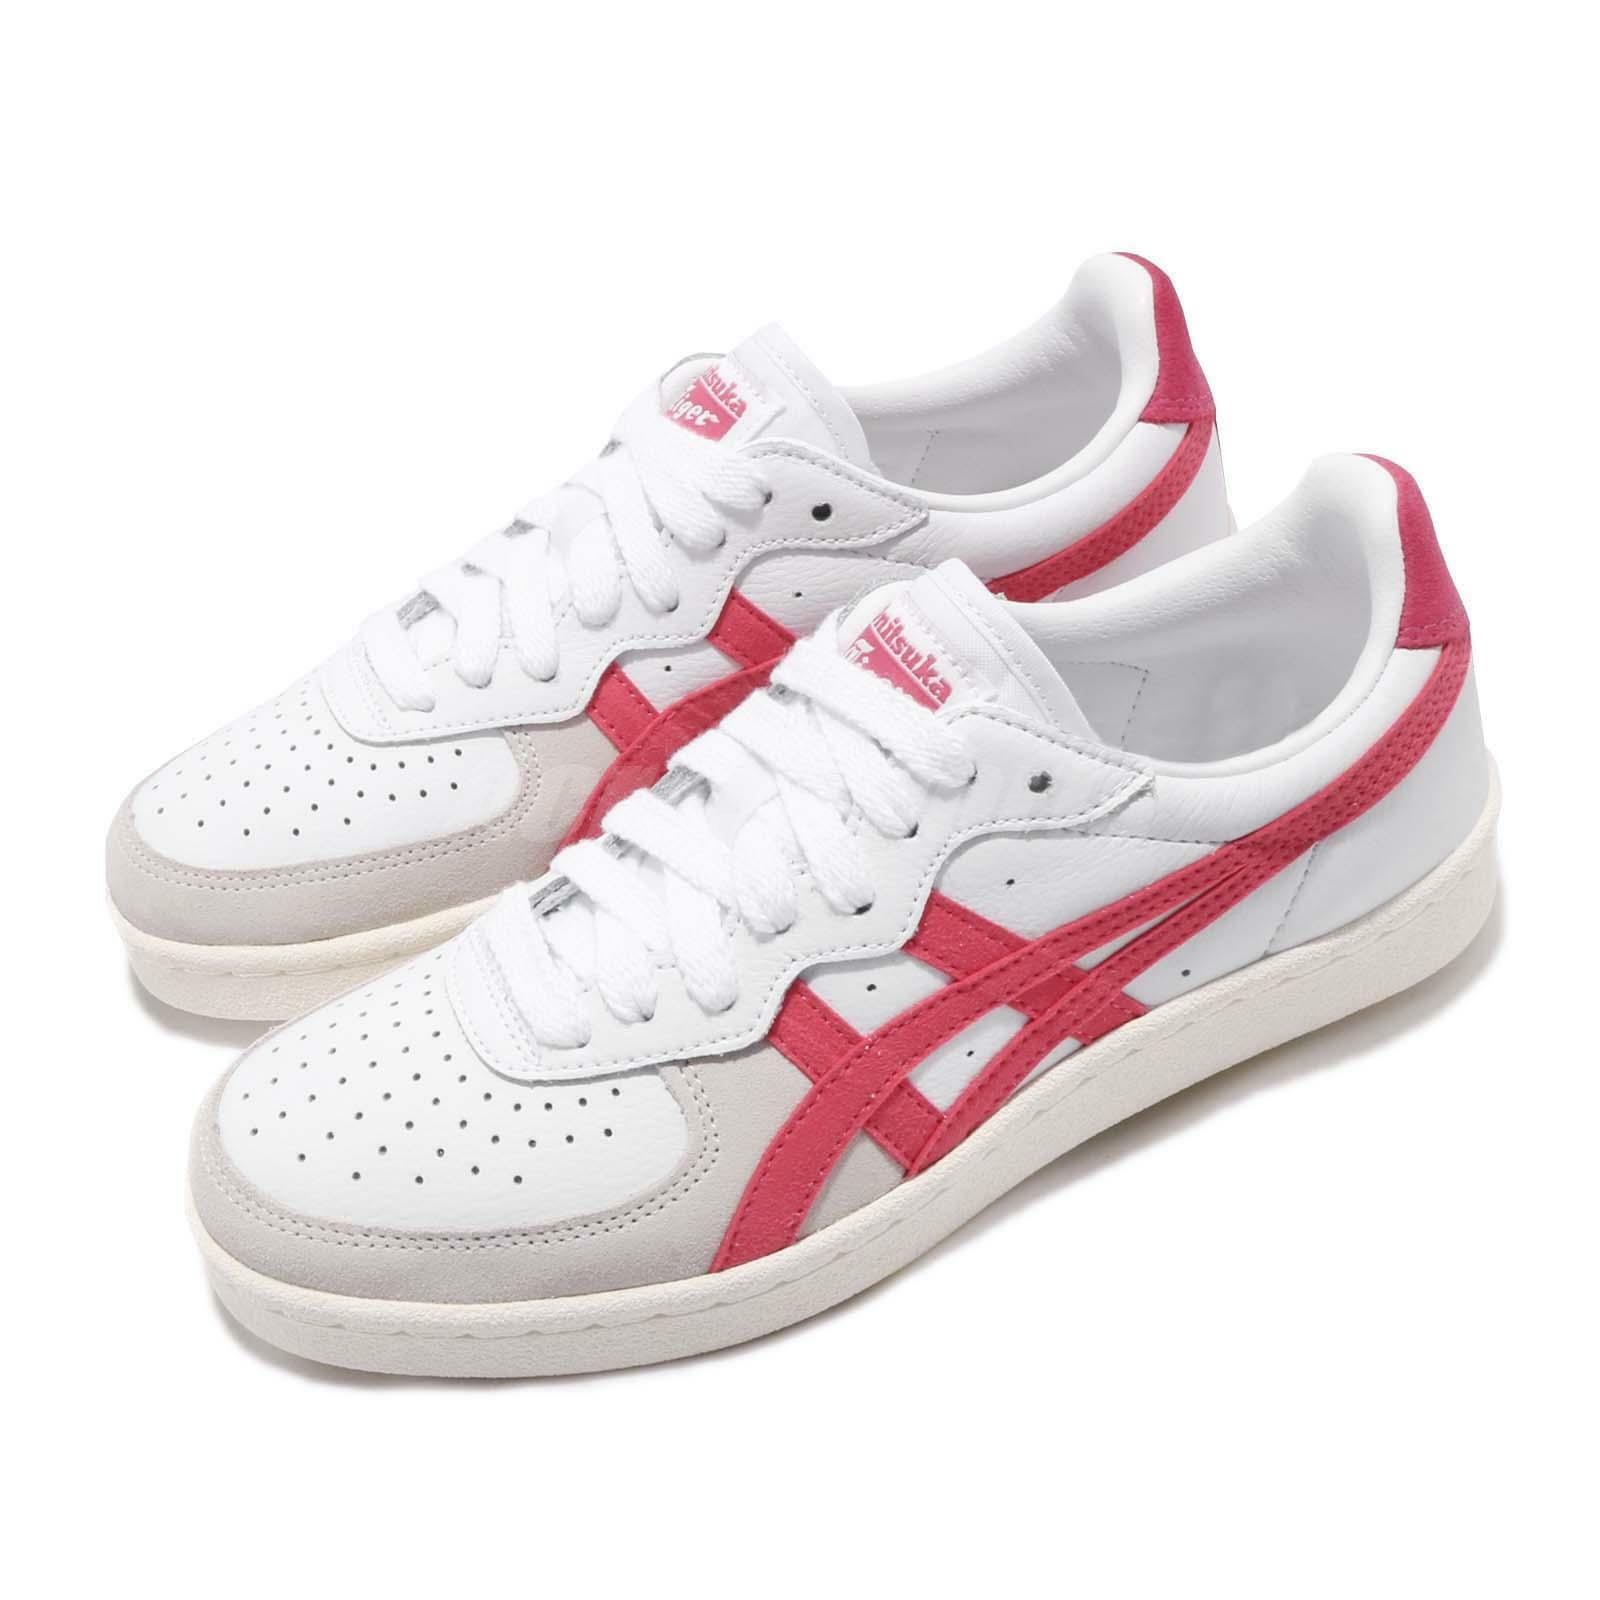 Asics Onitsuka Tiger GSM blanco Pitaya mujer Classic zapatos zapatillas 1182A076-102